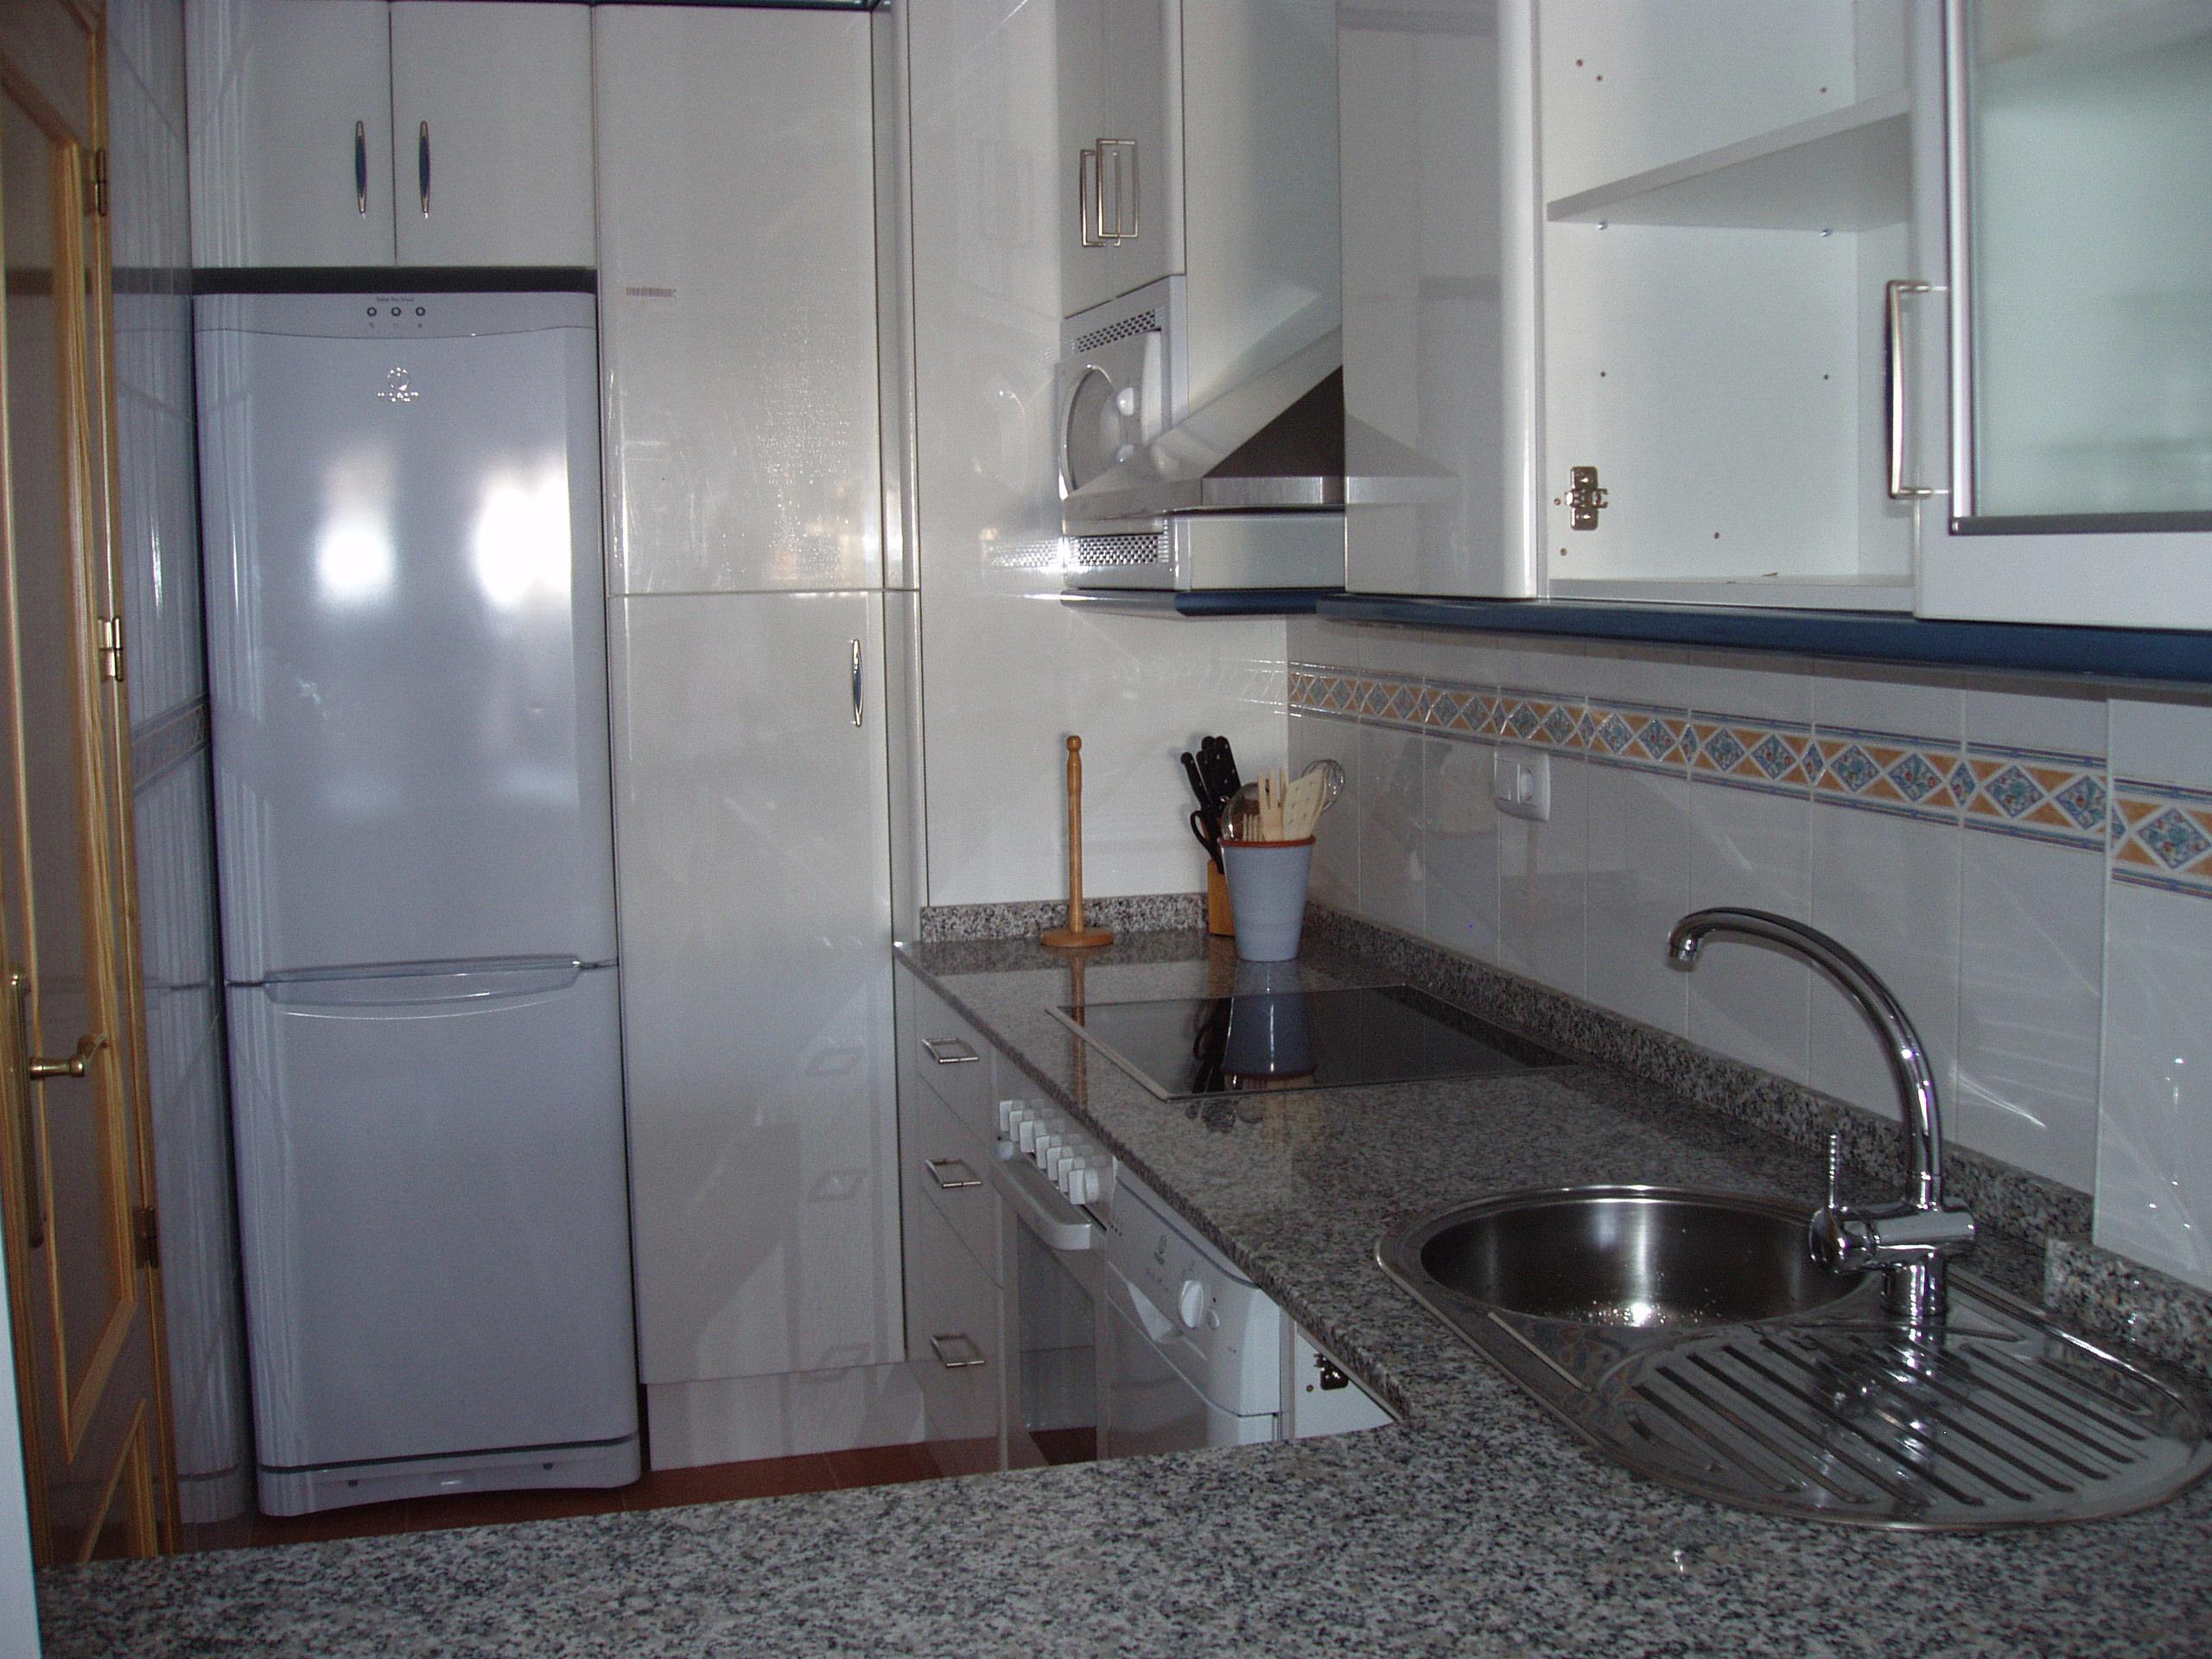 Ferienwohnung 3 Schlafzimmer Wohnung zu vermieten in Mojcar, Spanien (2388895), Mojacar, Costa de Almeria, Andalusien, Spanien, Bild 9